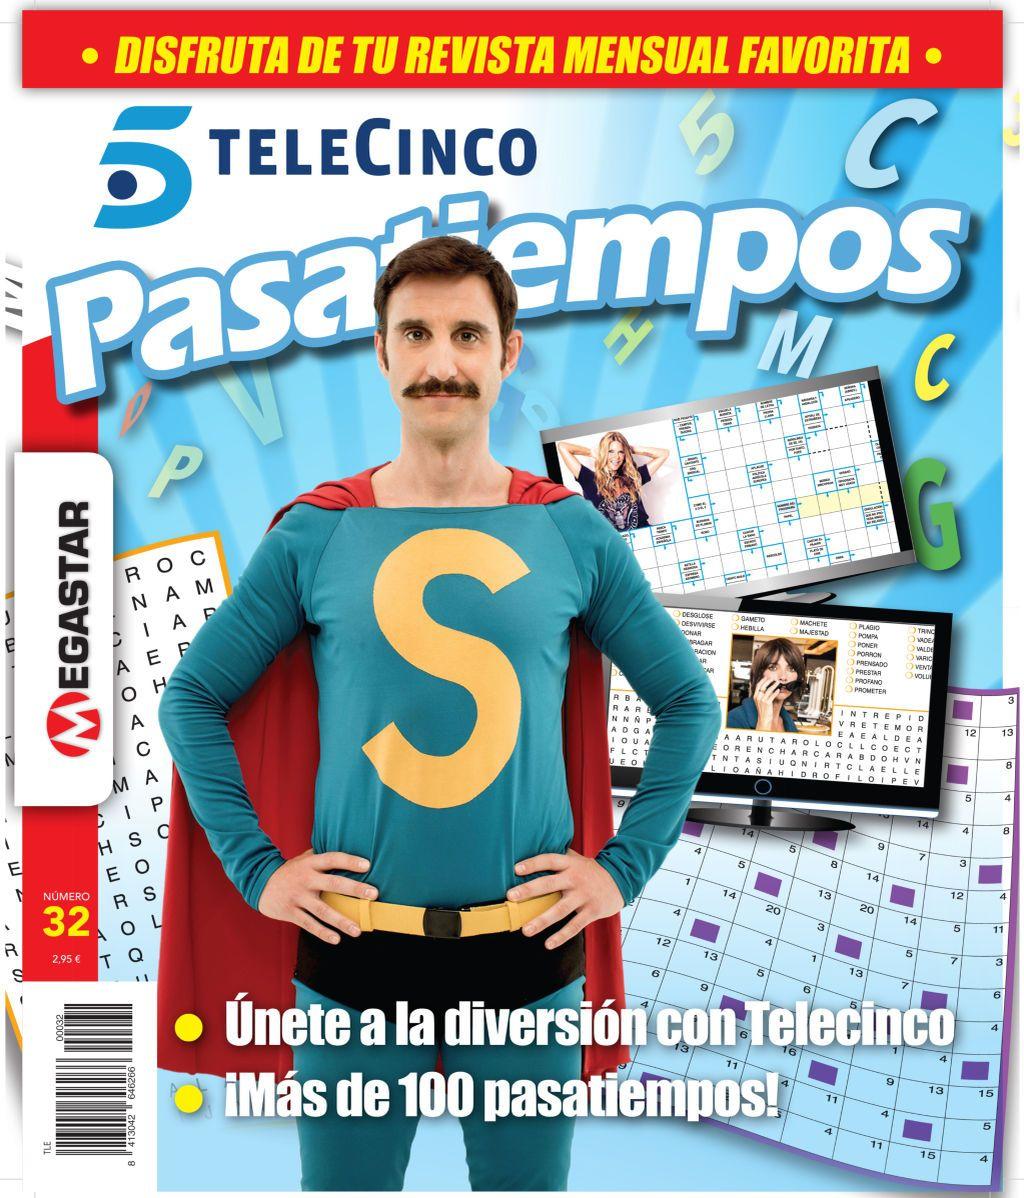 ¡Ya en tu quiosco el nuevo número de Pasatiempos Telecinco!